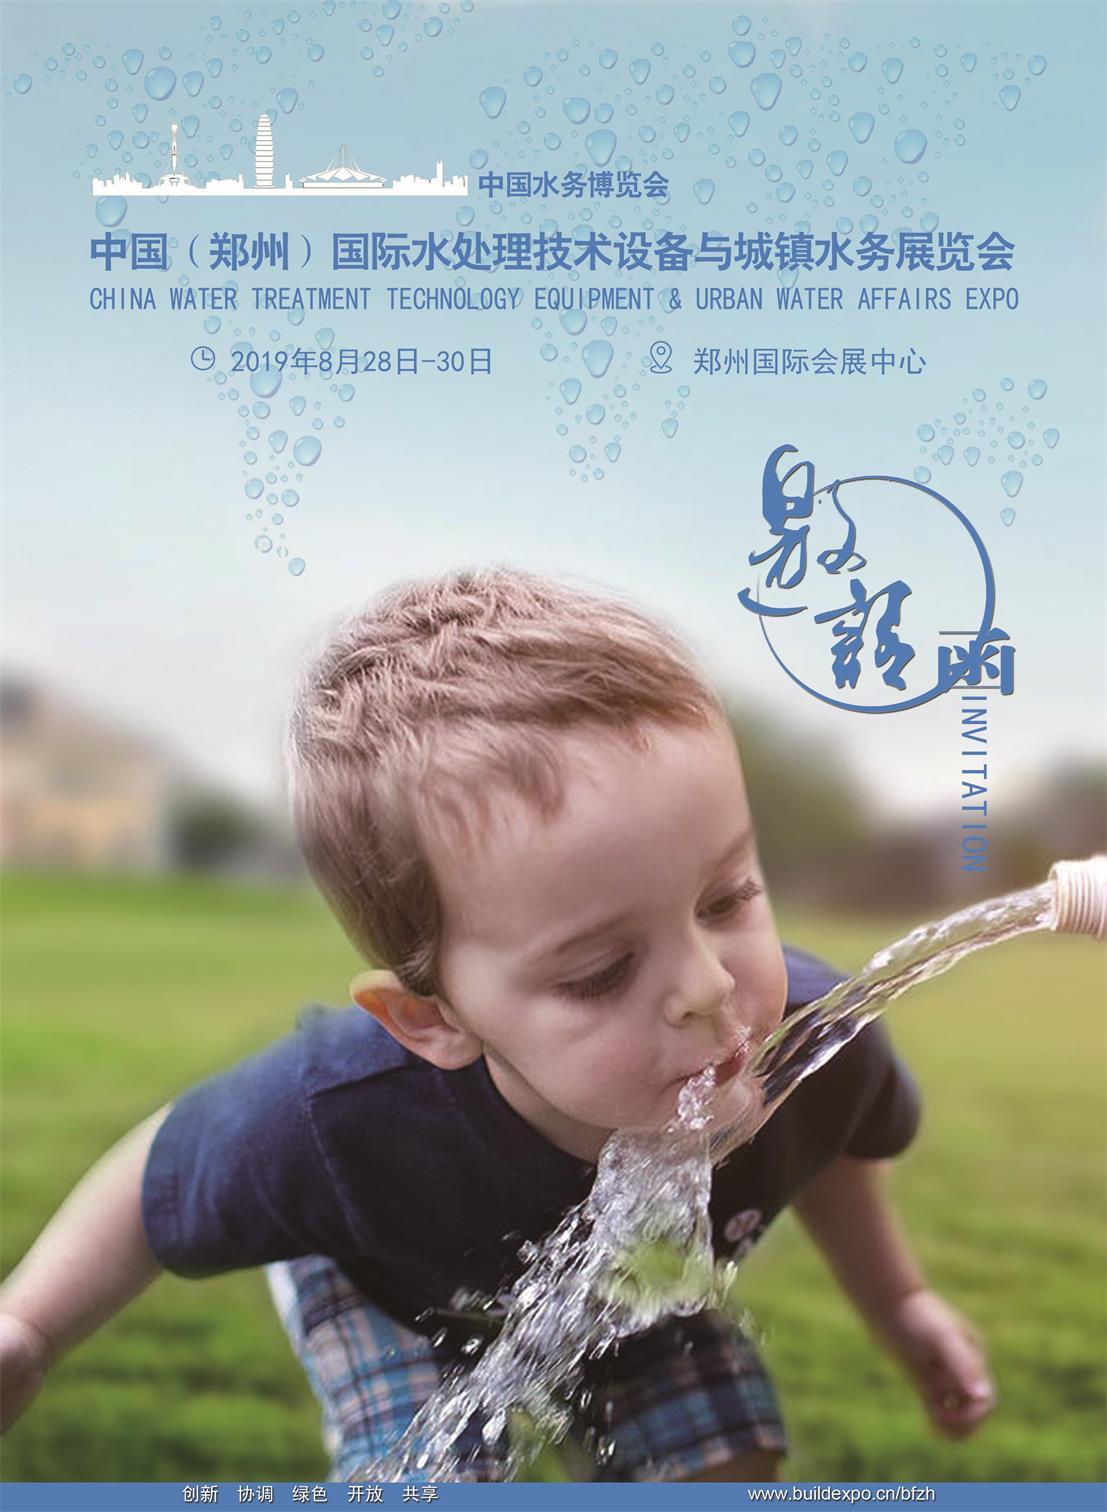 中国(郑州)国际水处理技术设备与城镇水务展览会